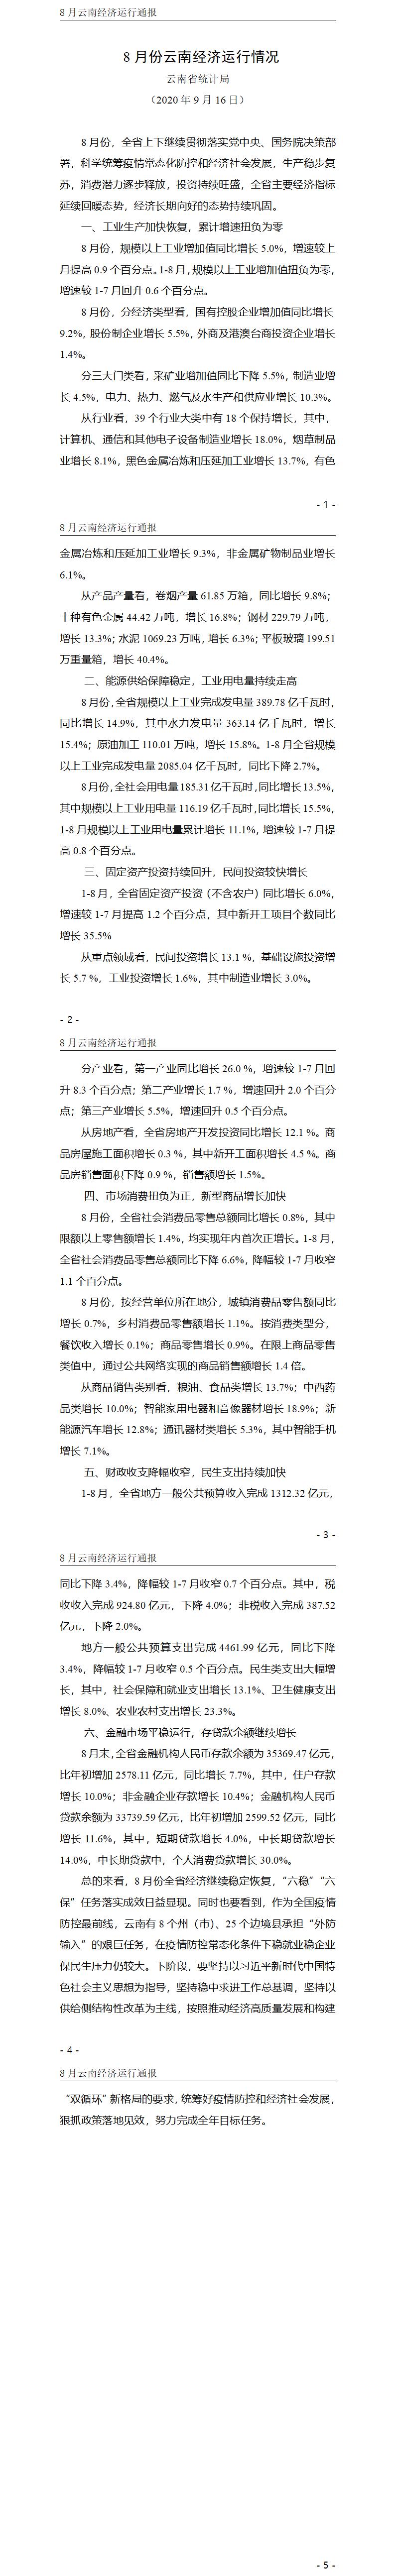 1-8月云南经济运行通报.png